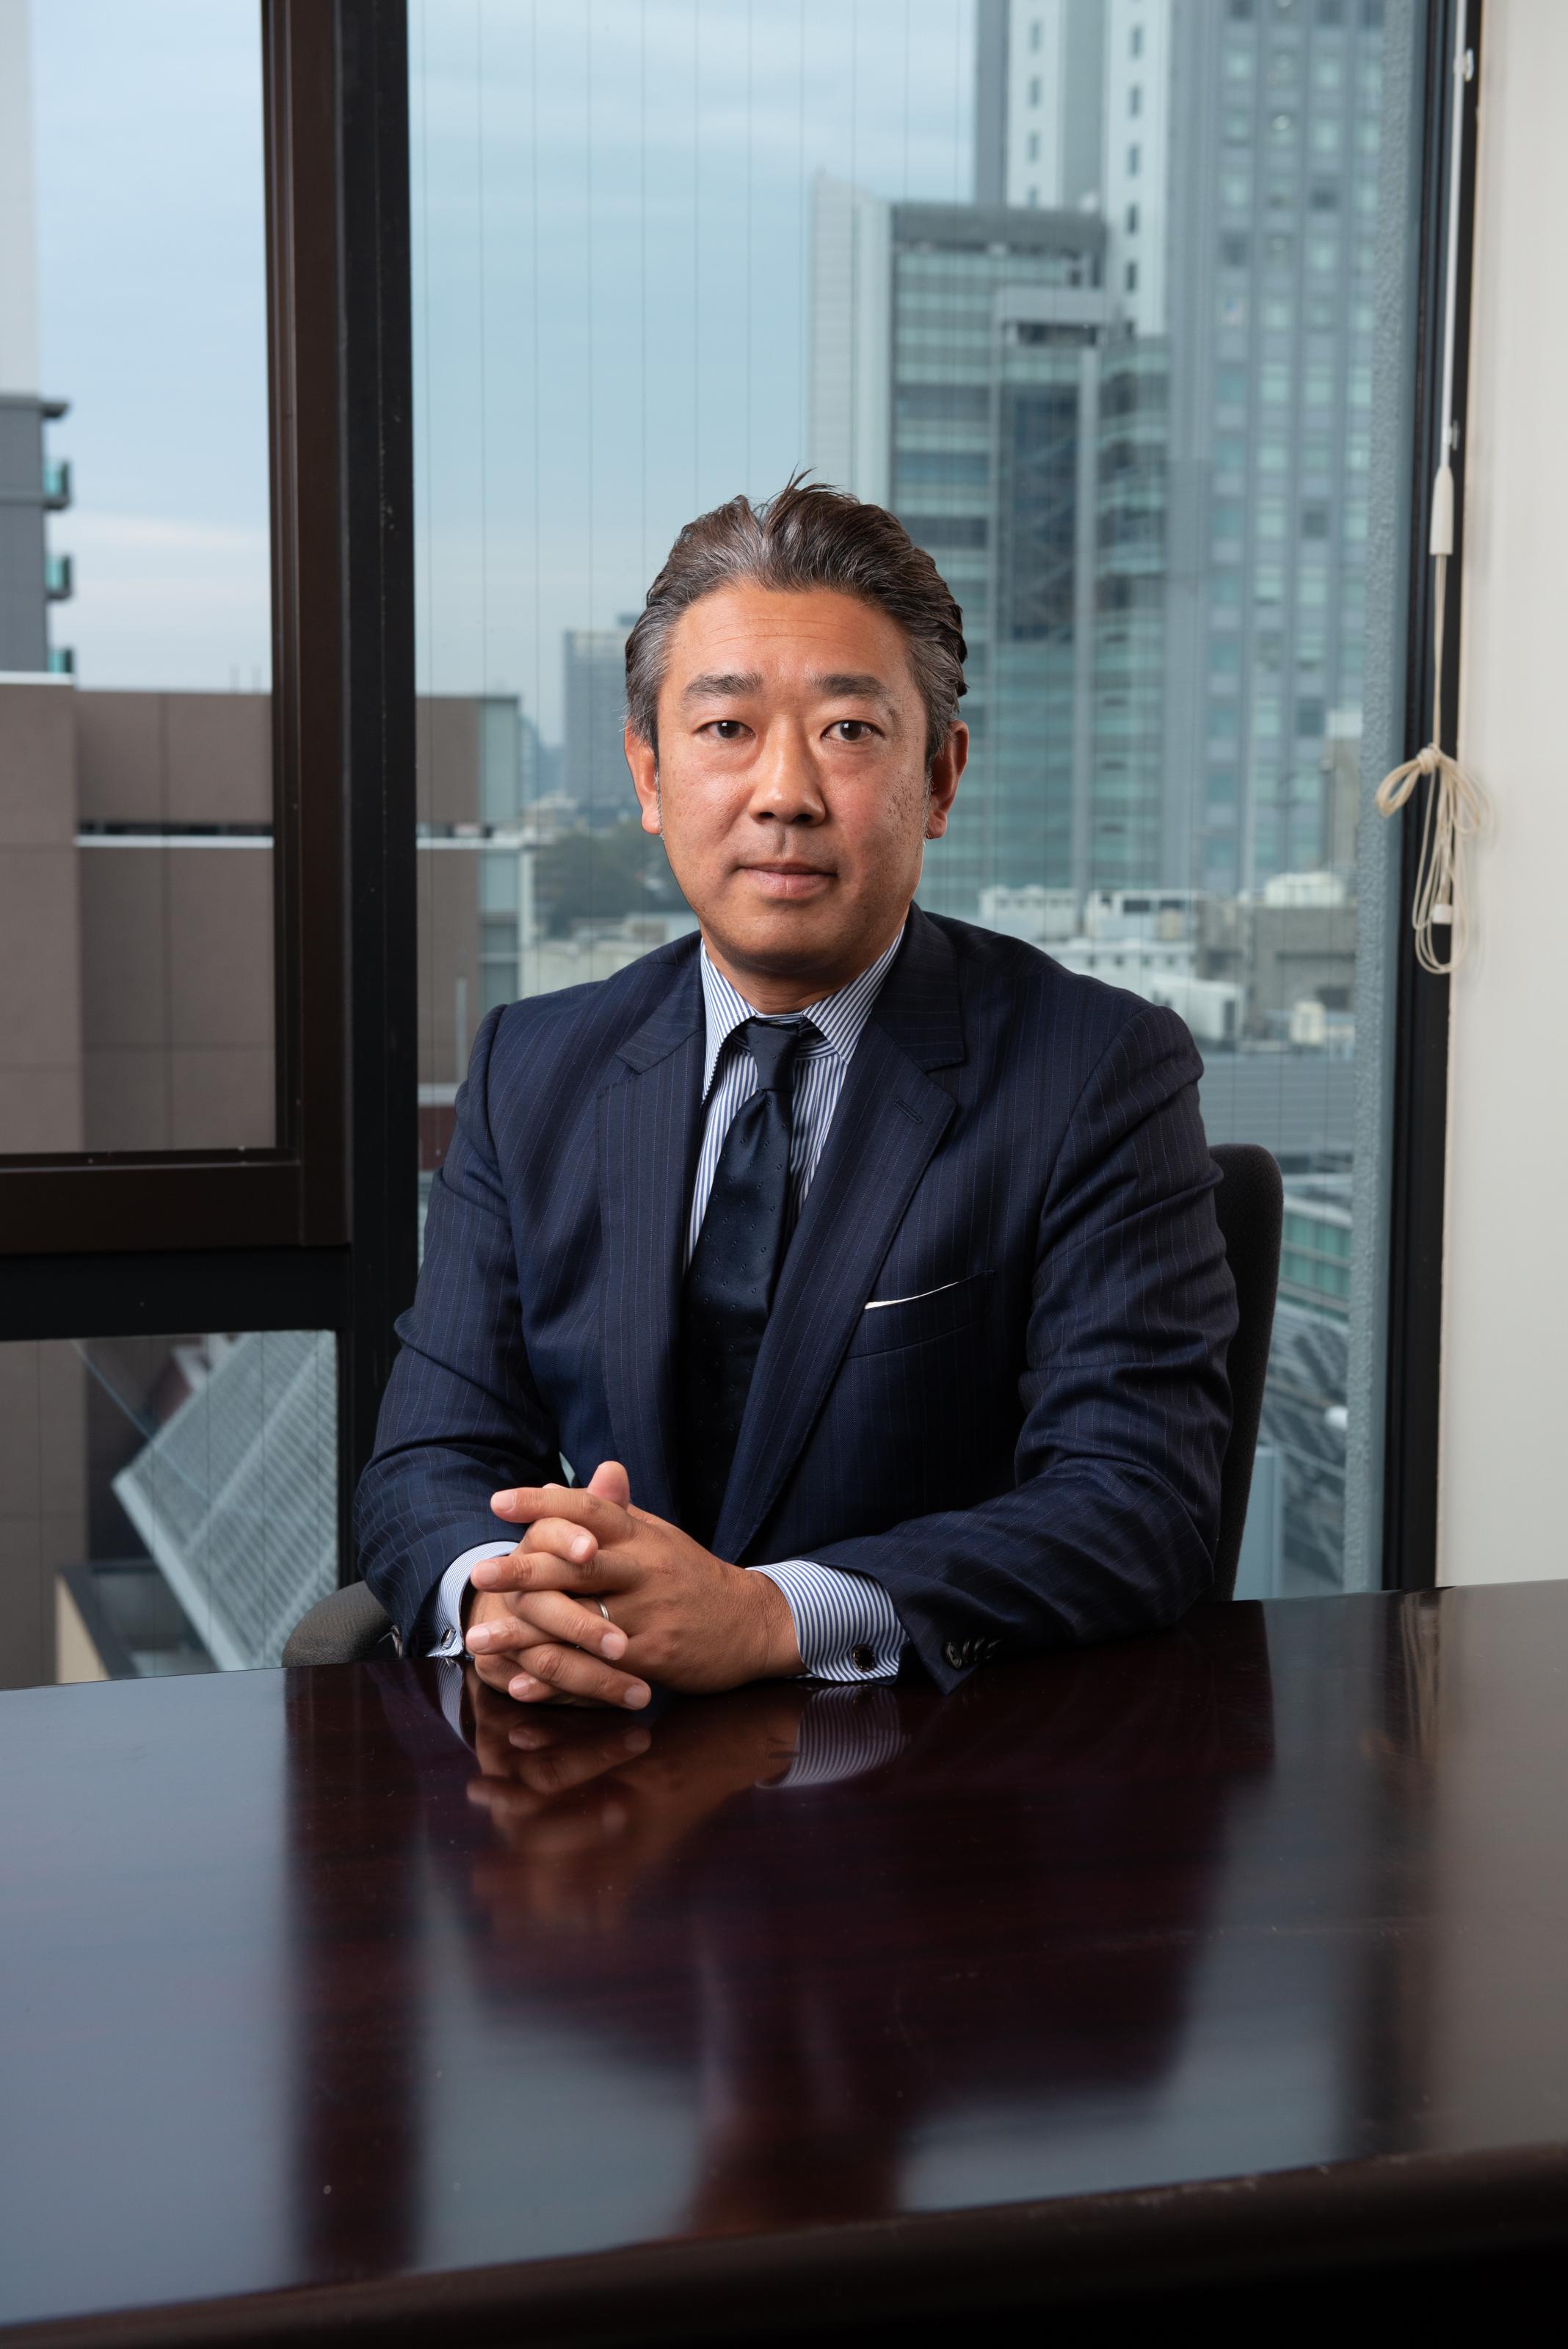 株式会社STRASSE 代表取締役社長 荻野 憲治